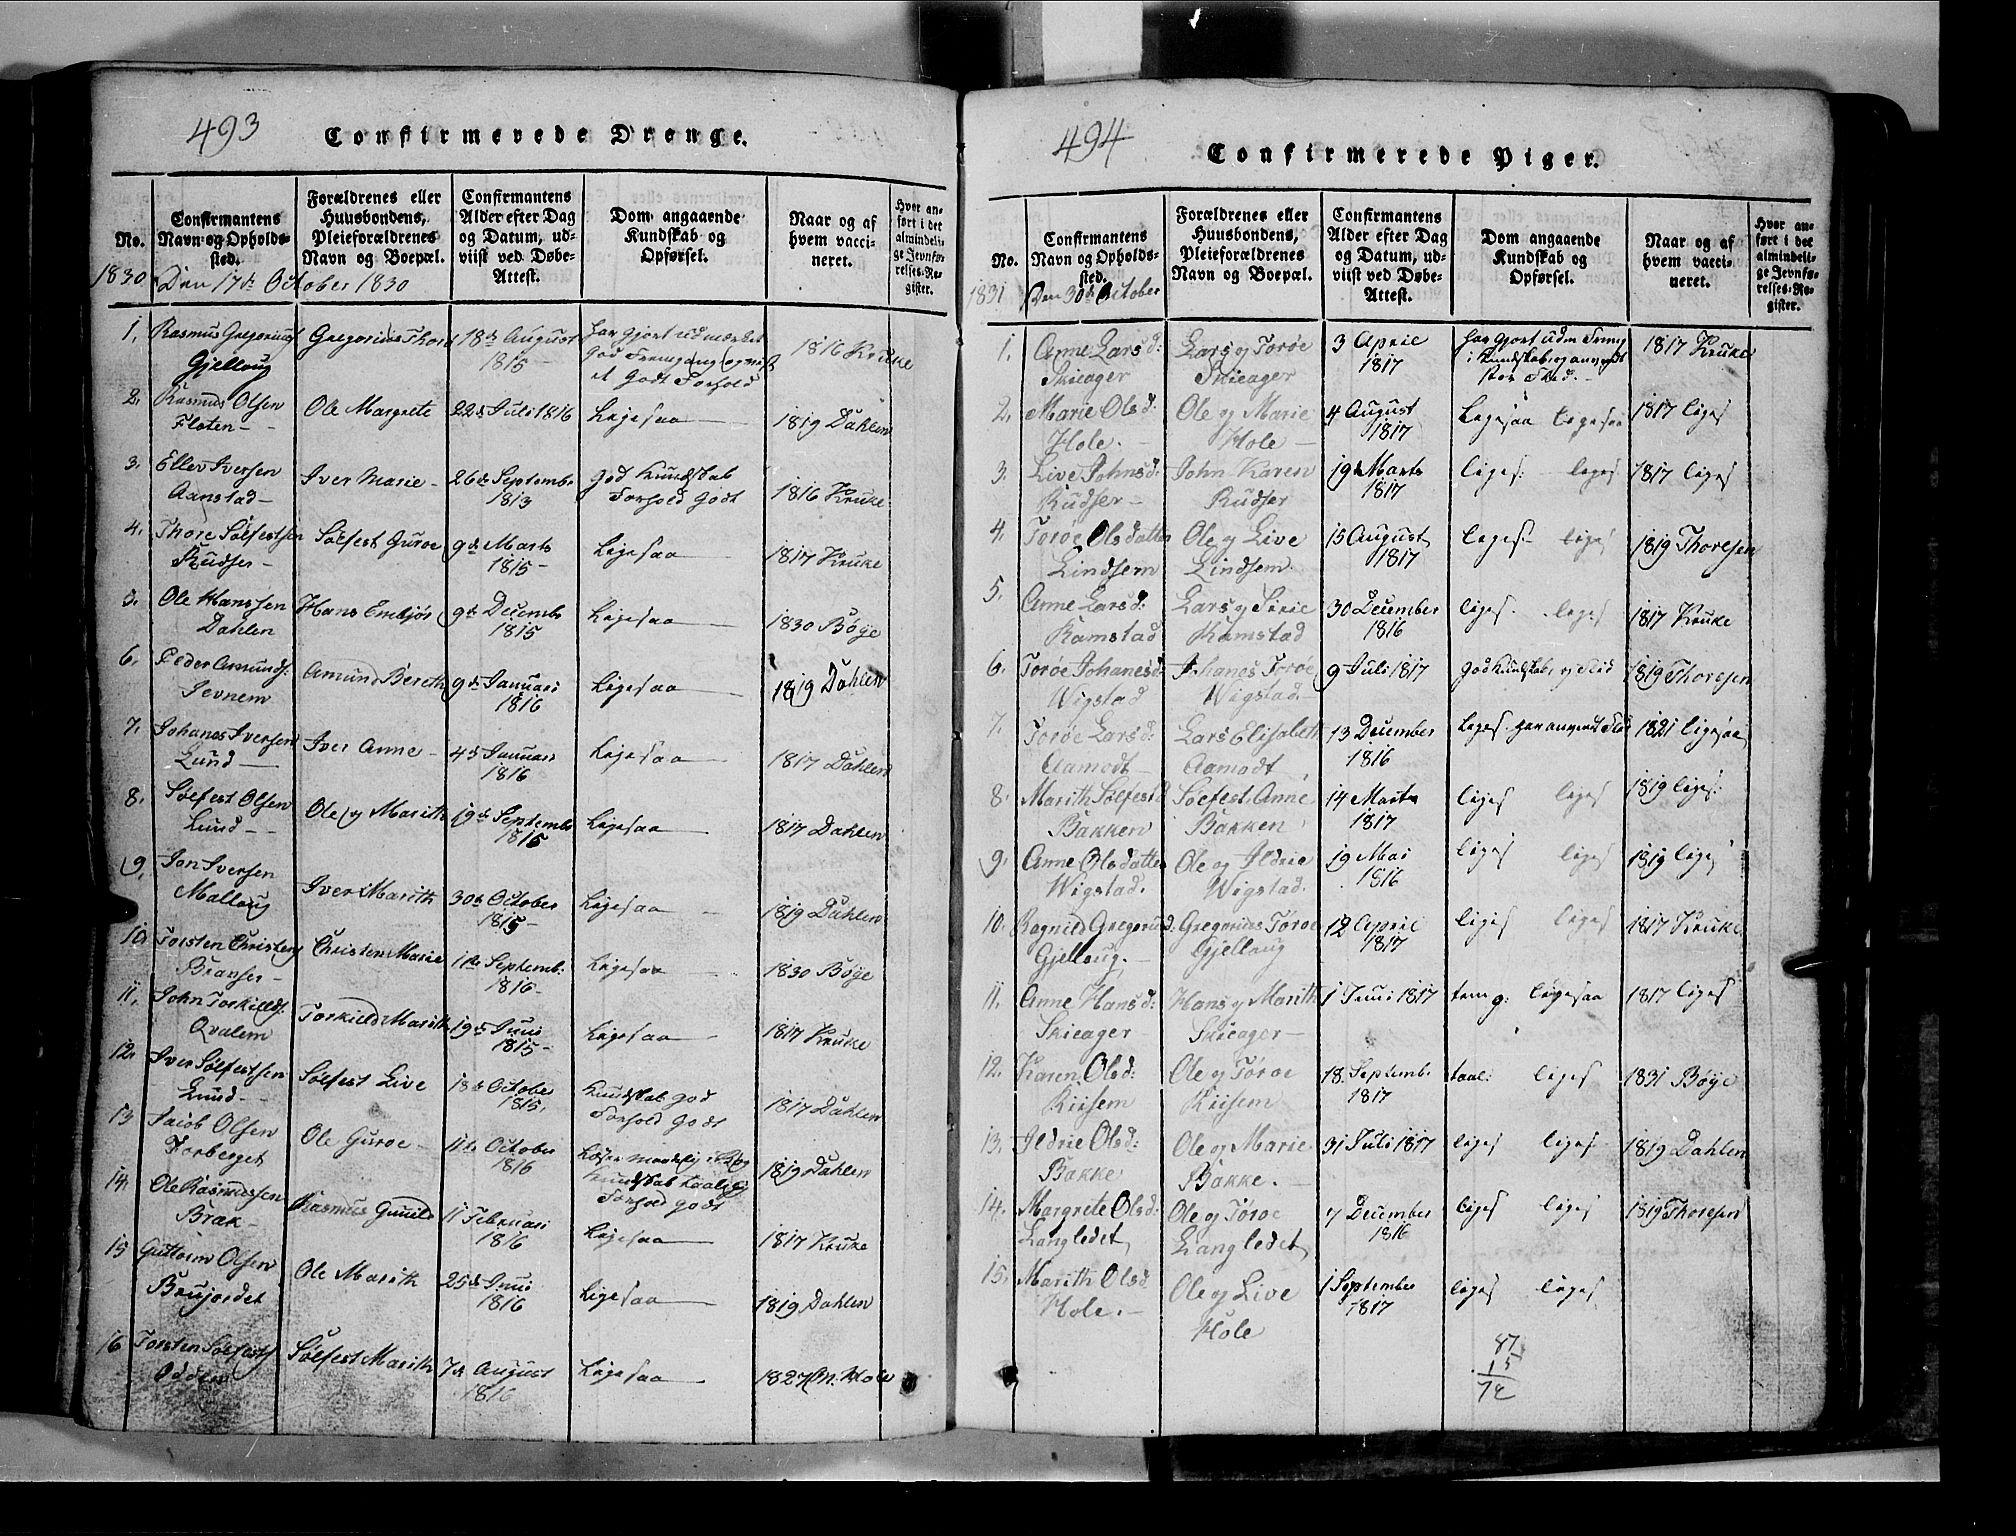 SAH, Lom prestekontor, L/L0003: Klokkerbok nr. 3, 1815-1844, s. 493-494